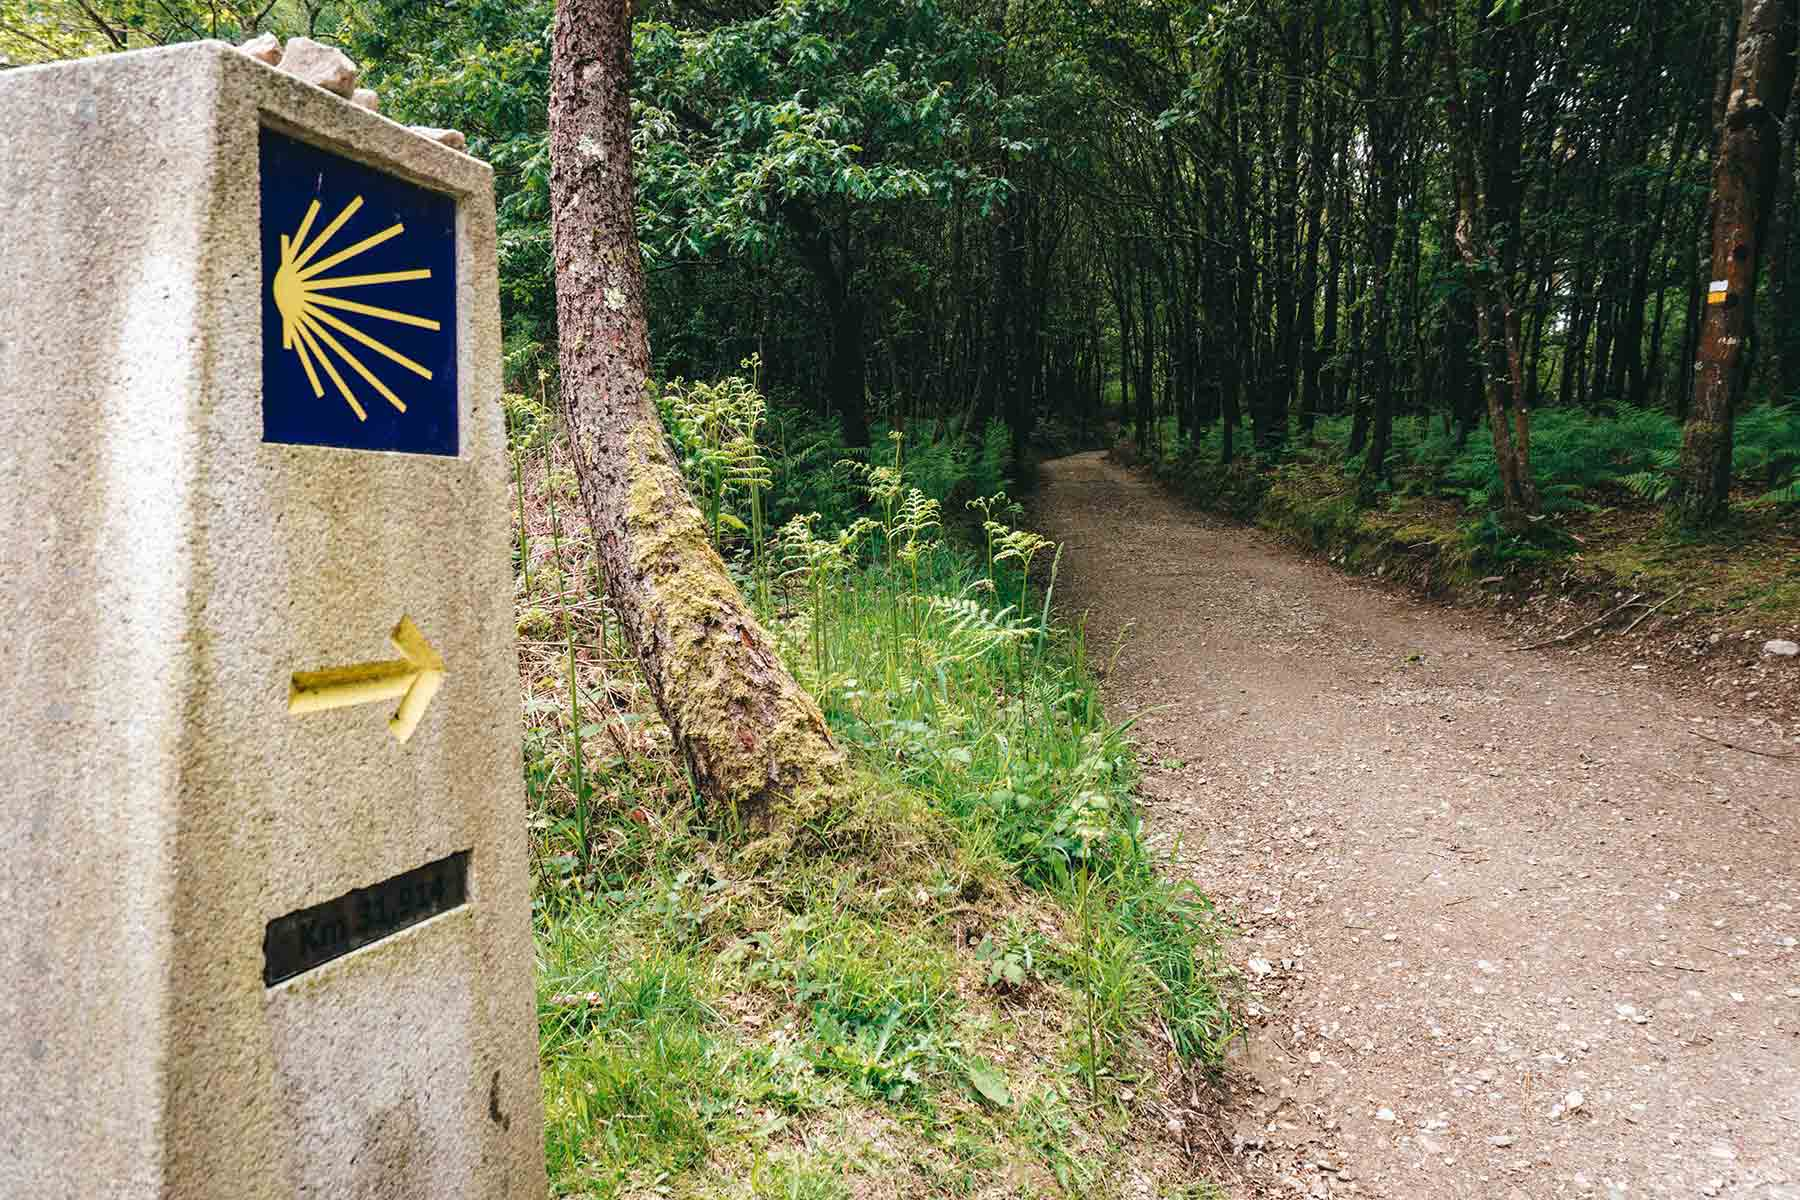 Camino Ingles